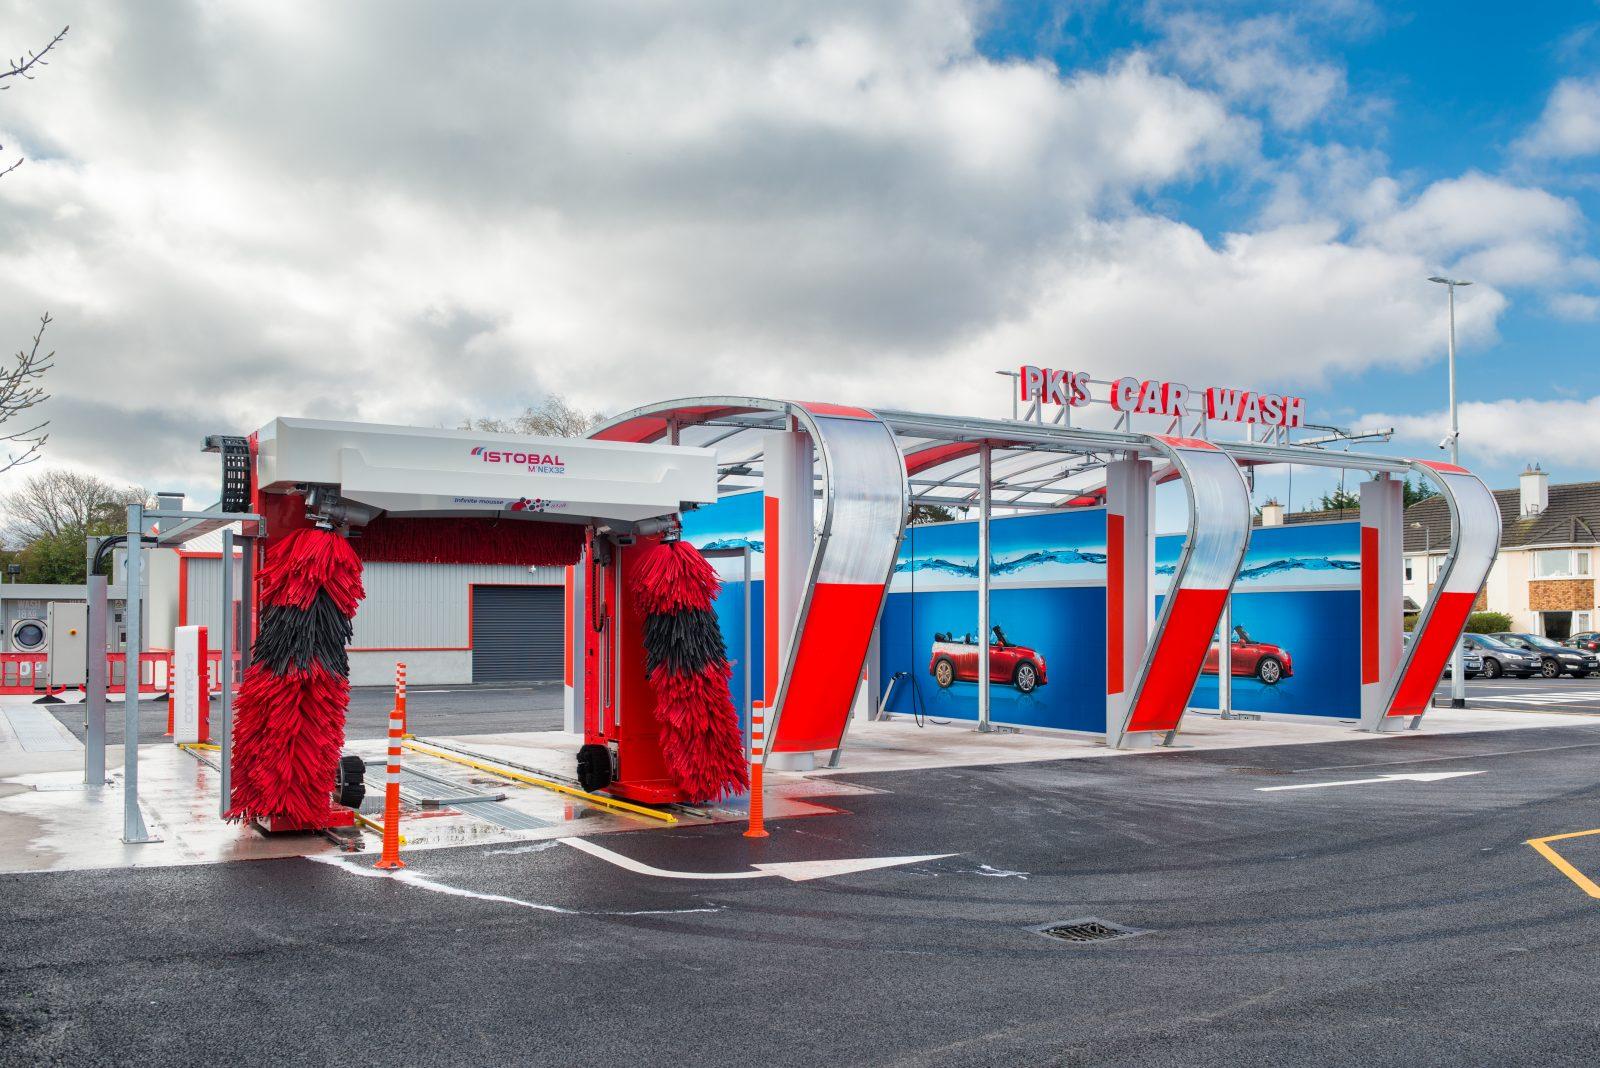 PK'S Car Wash Centre, Killorglin.